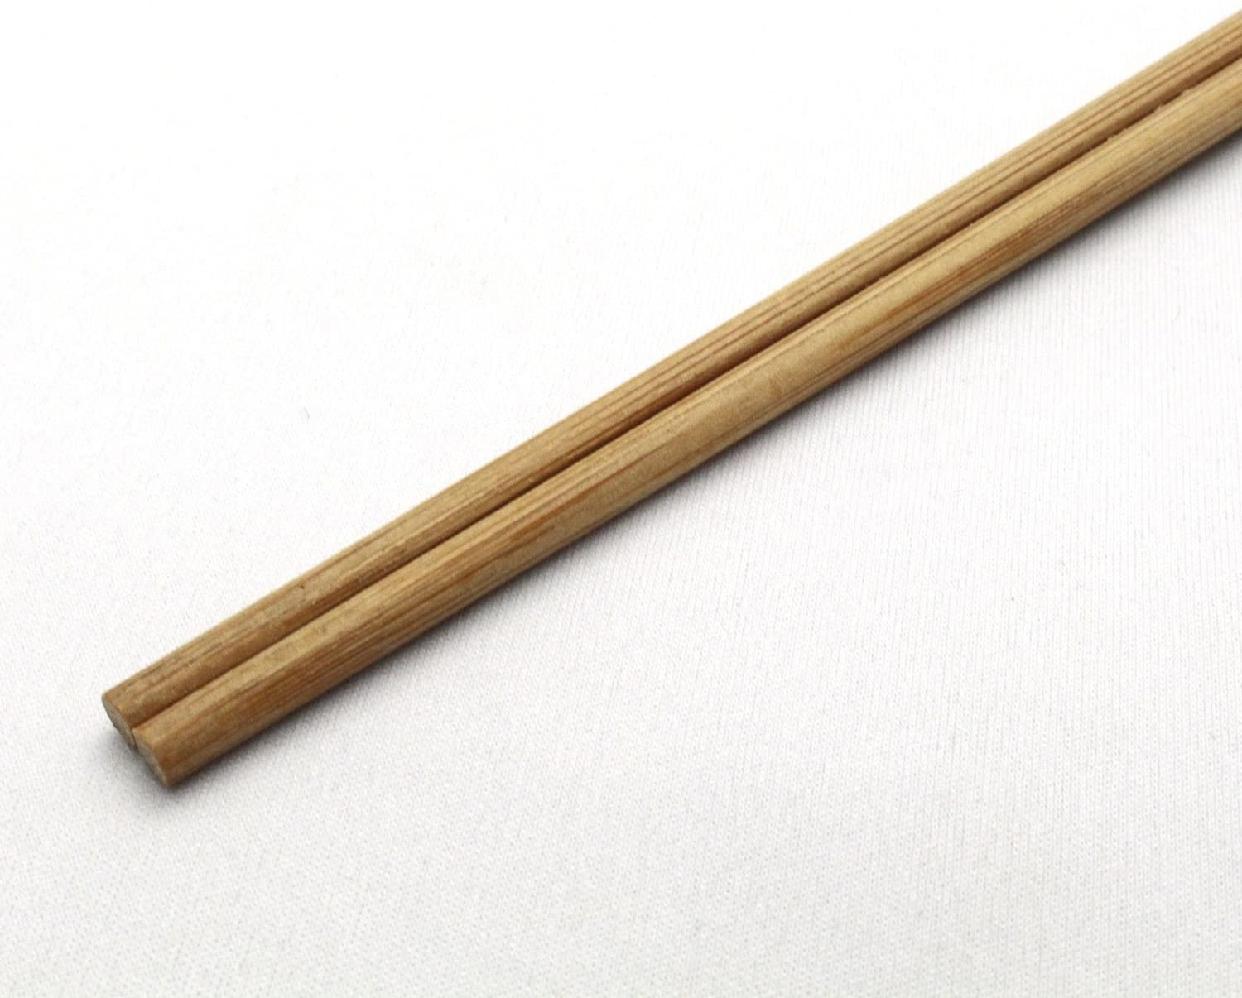 中村(なかむら)割り箸 すす竹 天削 100膳 24cmの商品画像4